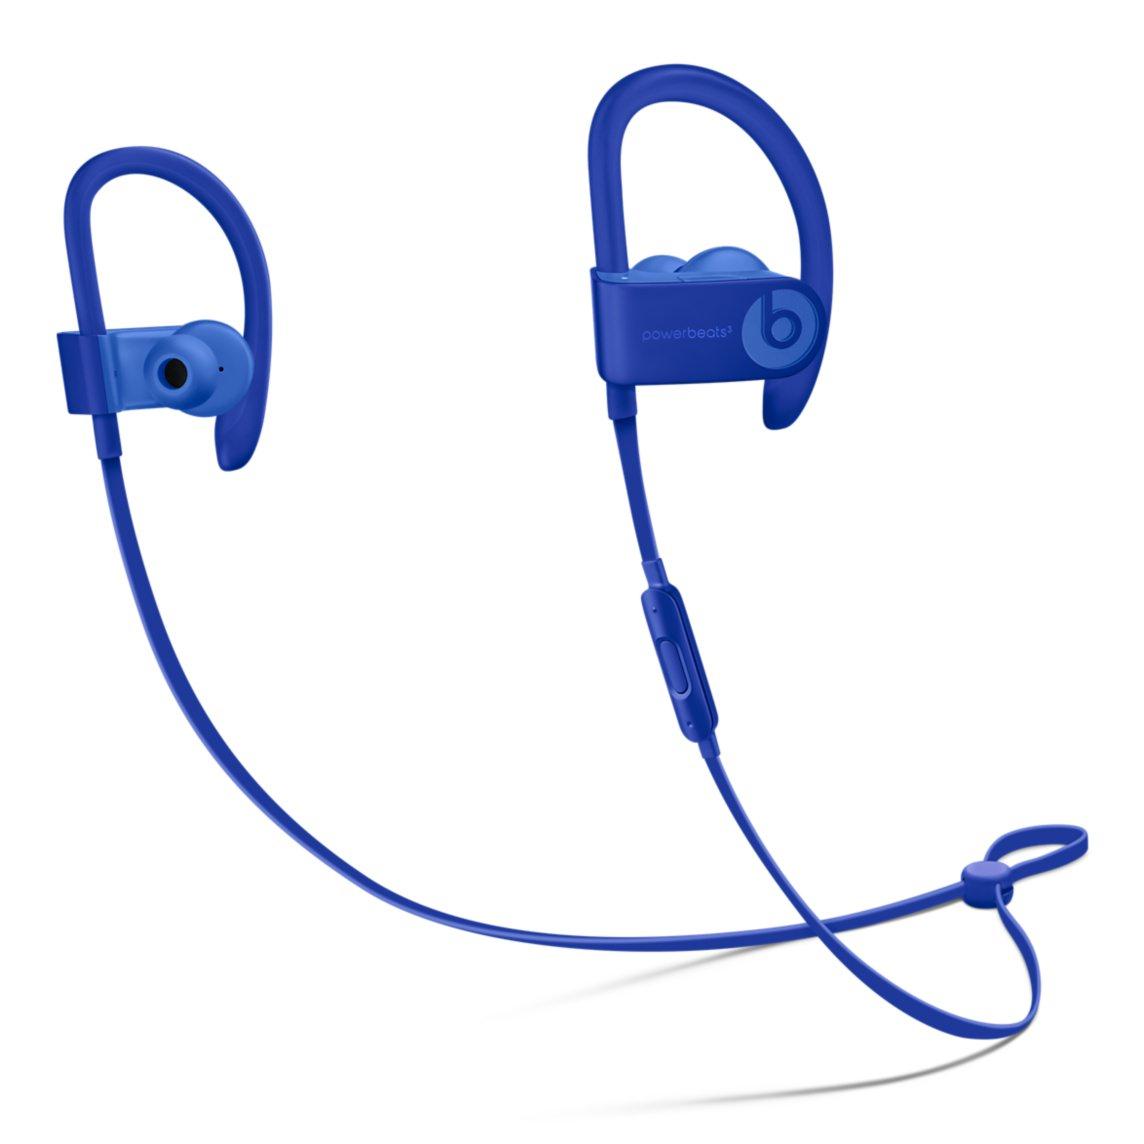 Powerbetas3-Wireless-2